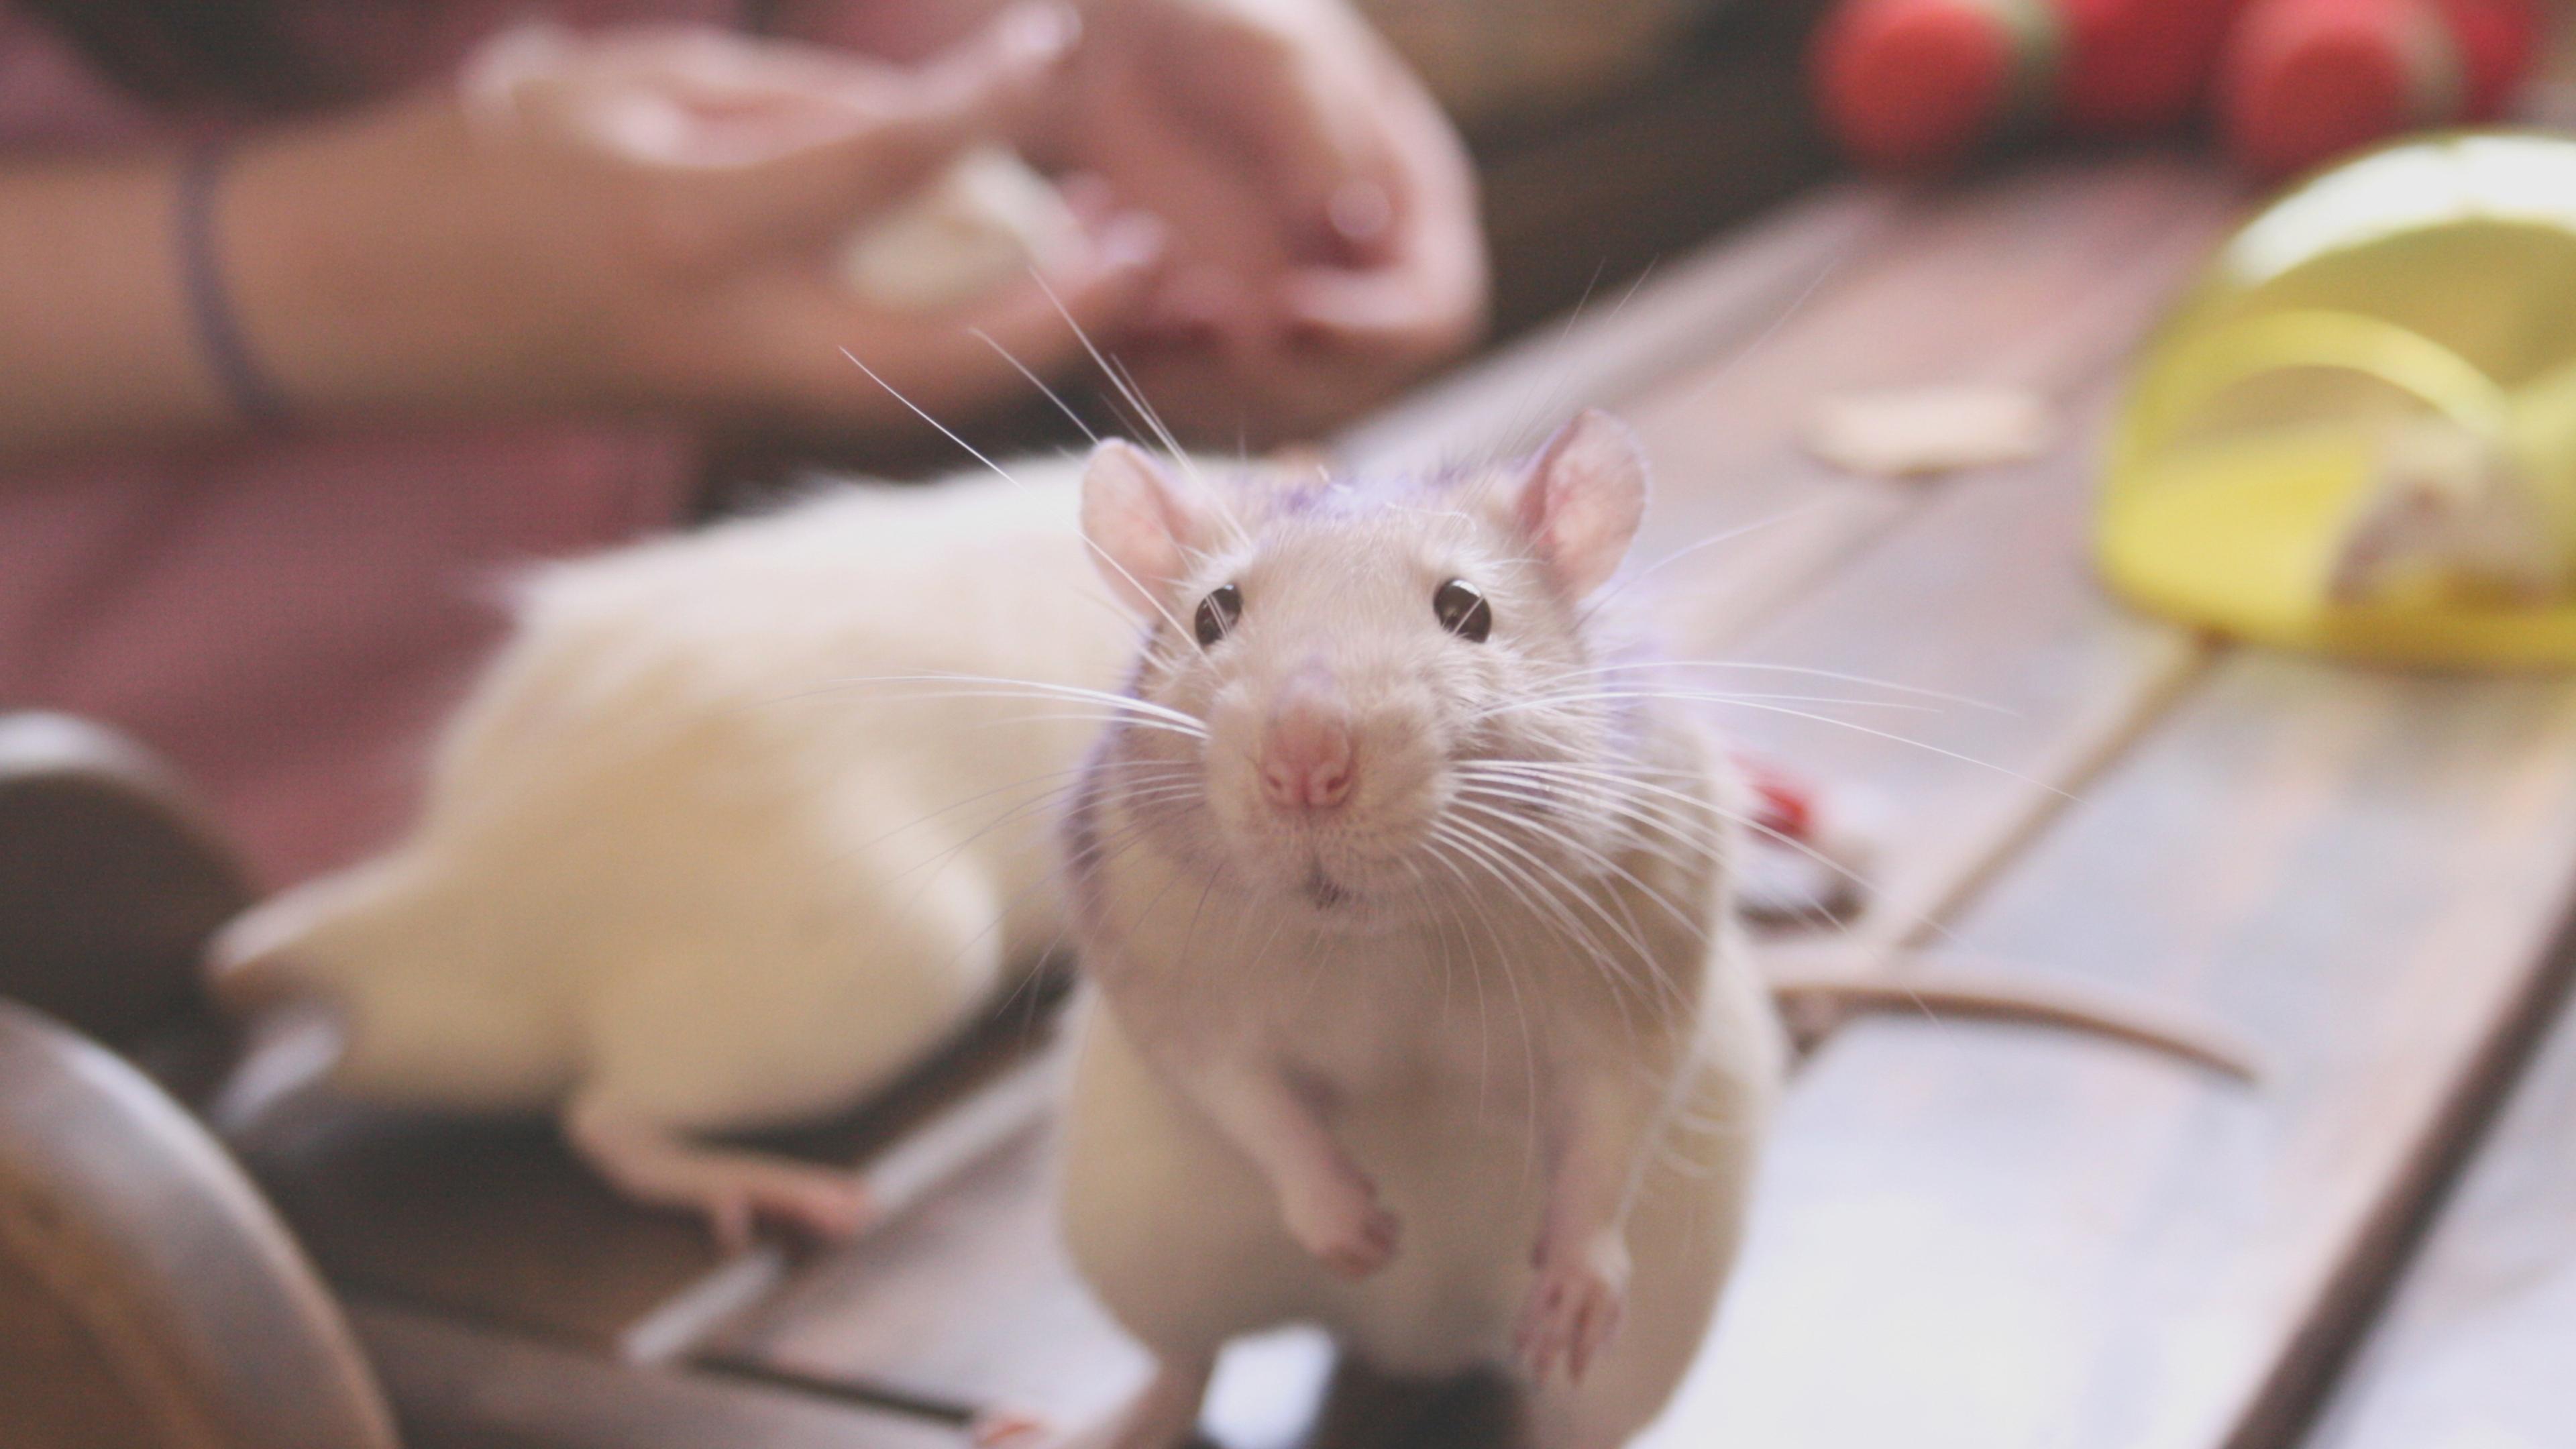 Желчные кислоты включили чувство сытости в мозге мышей